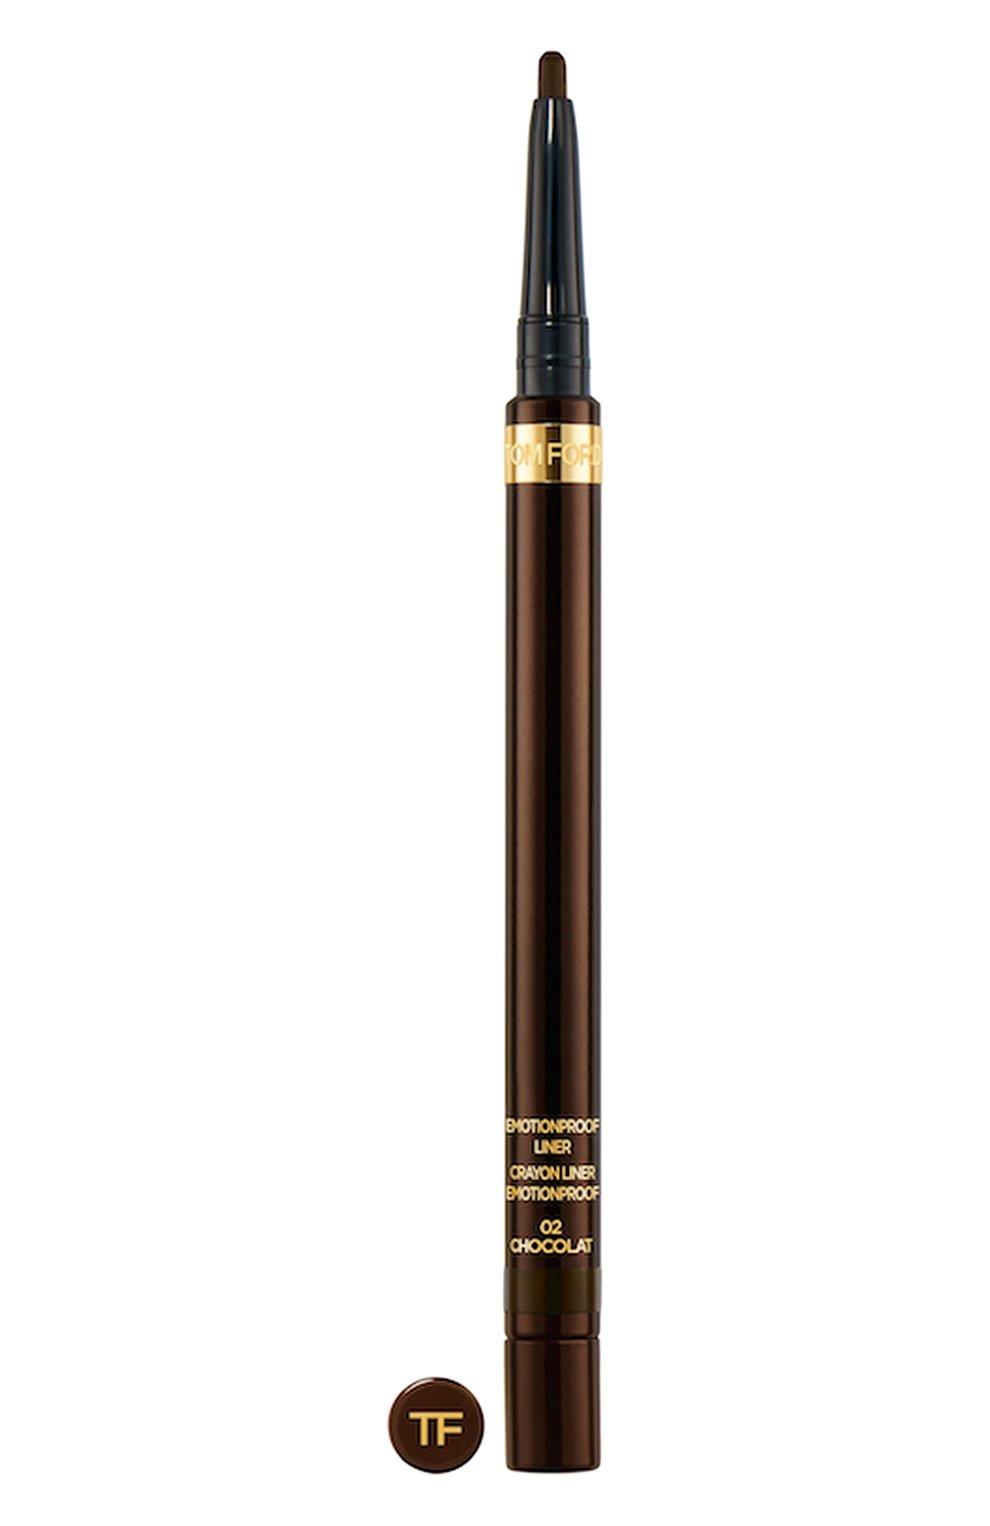 Женский карандаш для глаз emotionproof, оттенок 02 chocolat TOM FORD бесцветного цвета, арт. T6YF-02   Фото 1